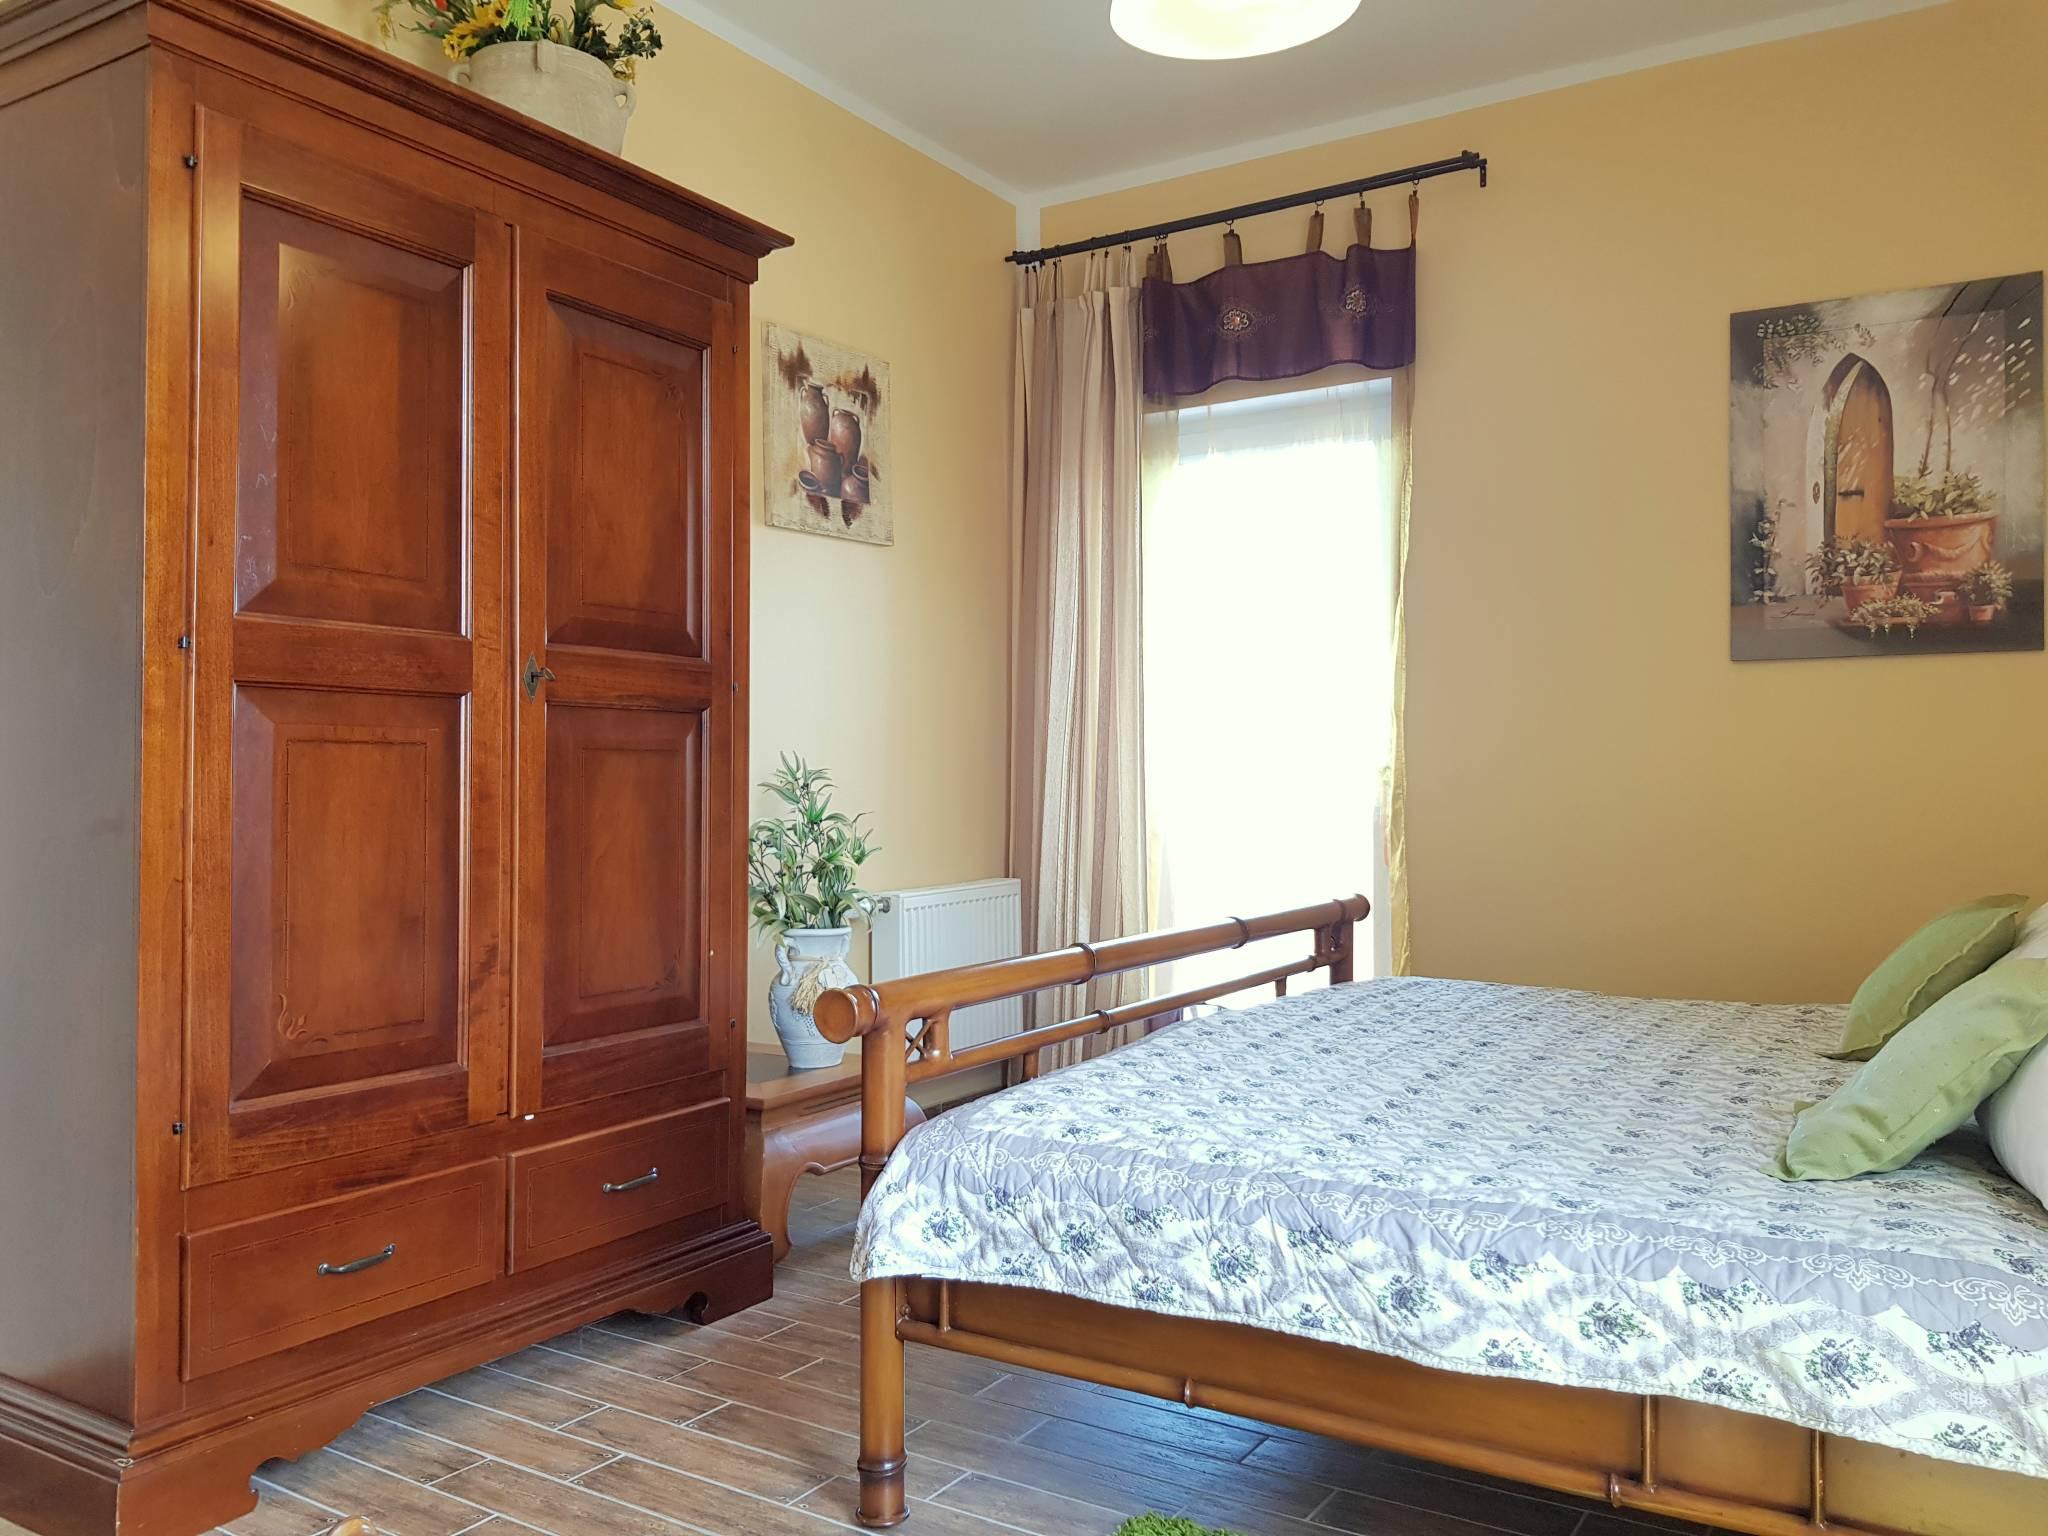 Schlafzimmer mit edlem Kleideschrank